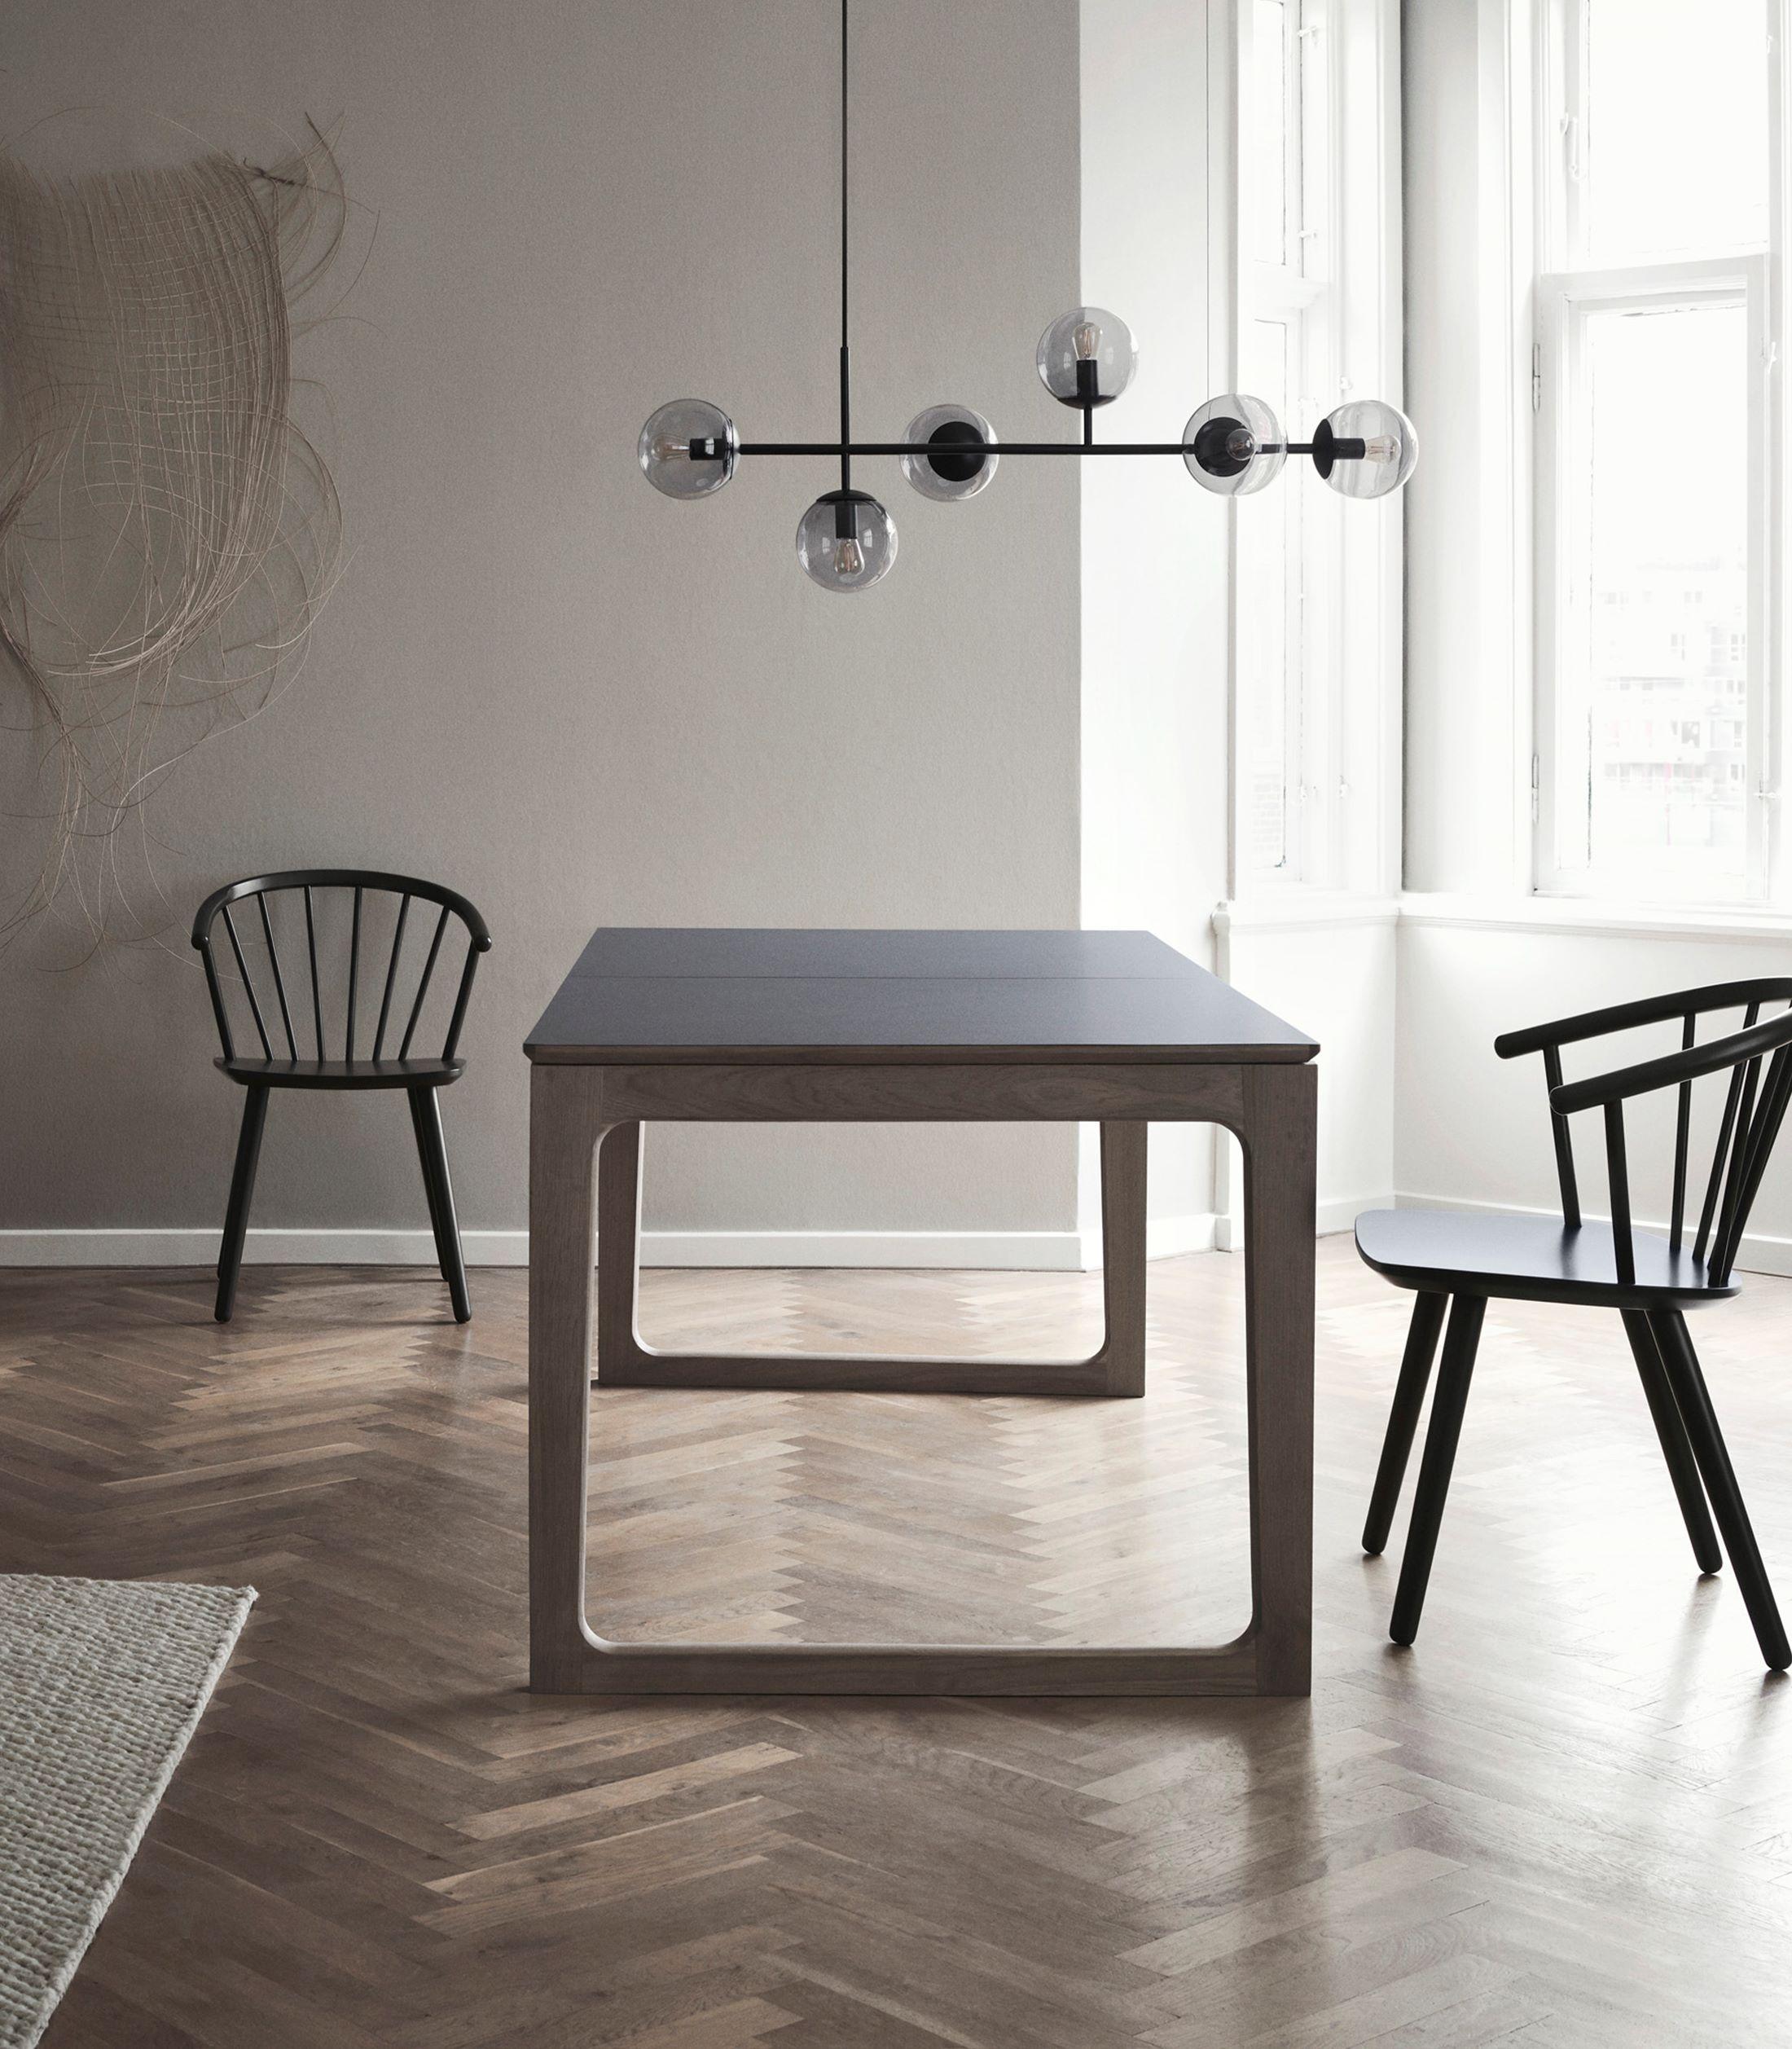 Esszimmerstühle | Schicke Essstühle – Qualitätsdesign | Bolia